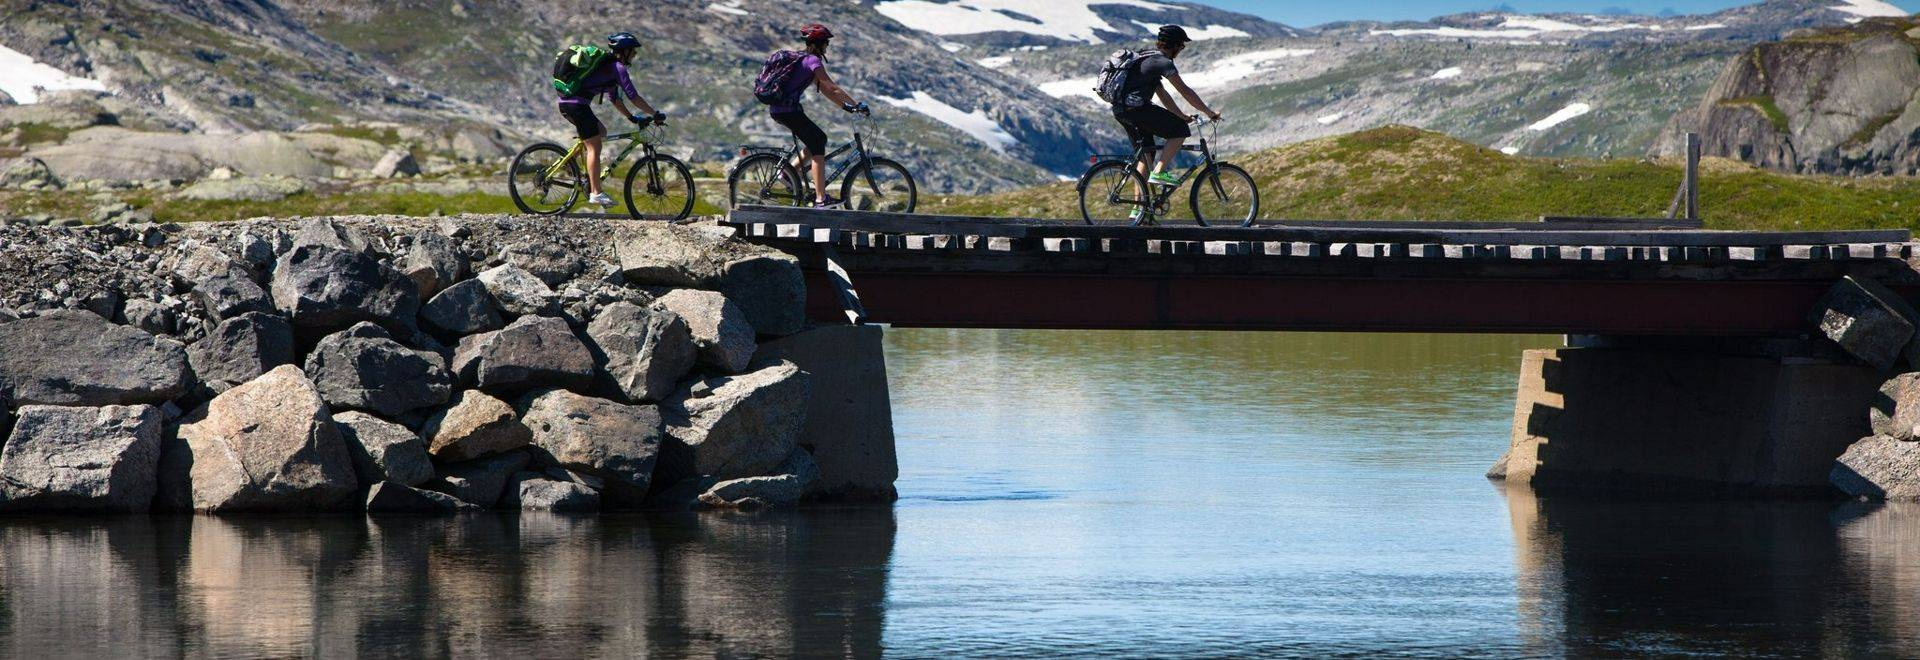 Rallarvegen, Crossing The Bridge